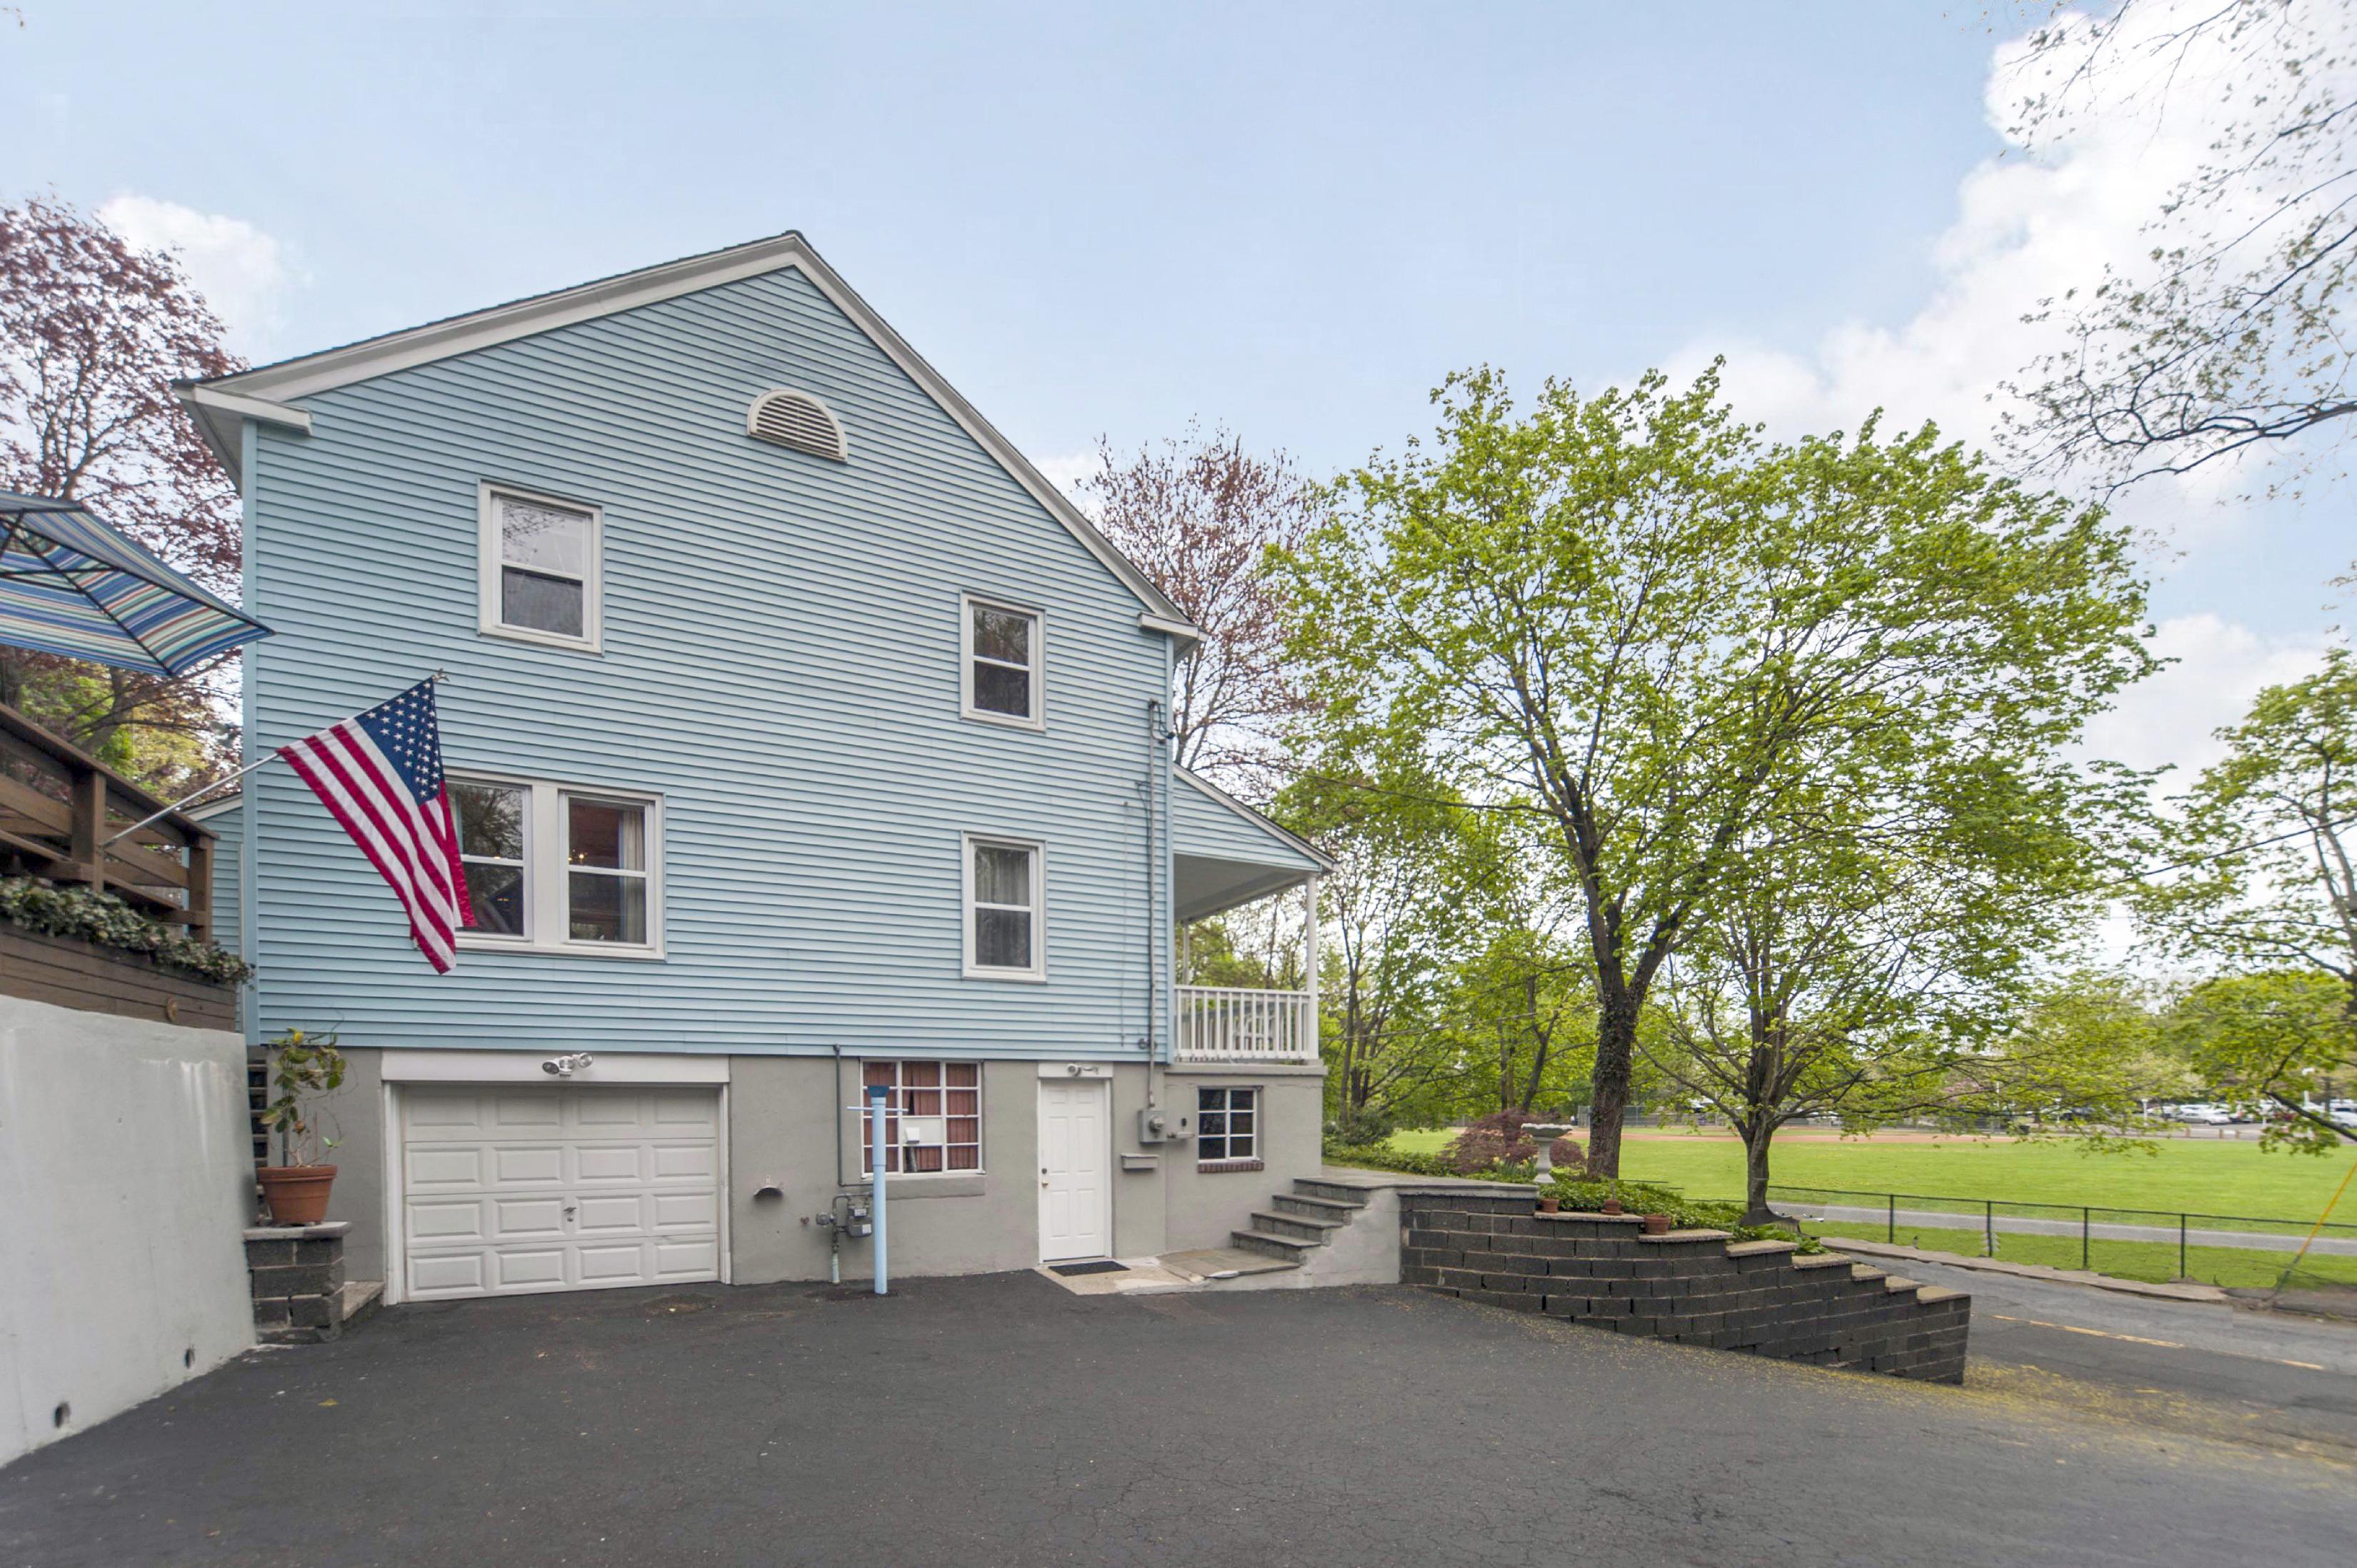 단독 가정 주택 용 매매 에 Loved Colonial 31 Beacon Street Norwalk, 코네티컷 06851 미국